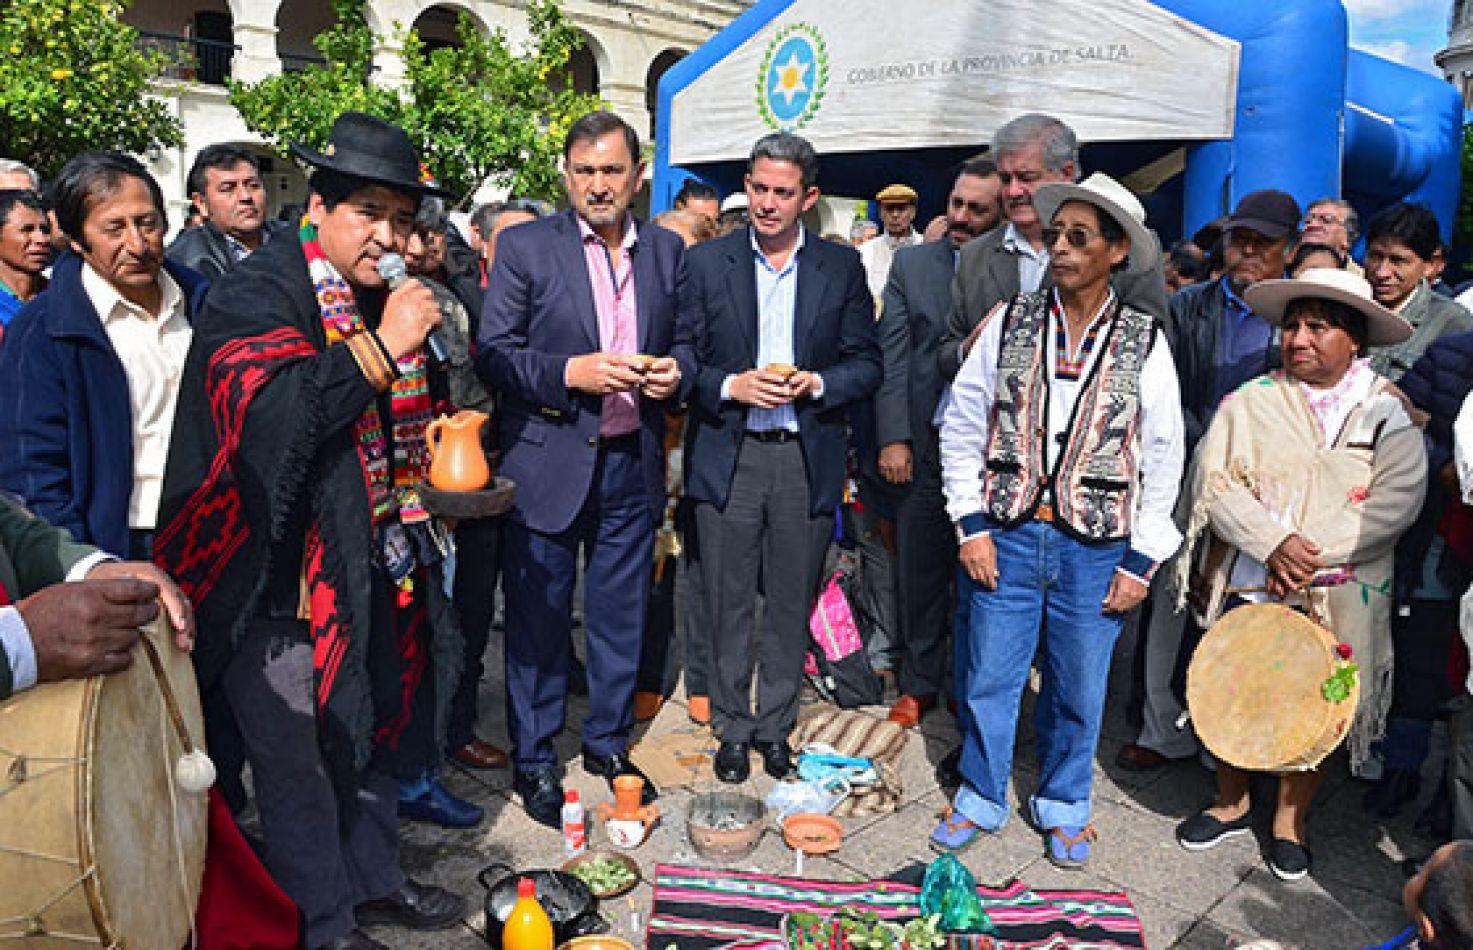 Se realizó una ceremonia en honor a la Pachamama